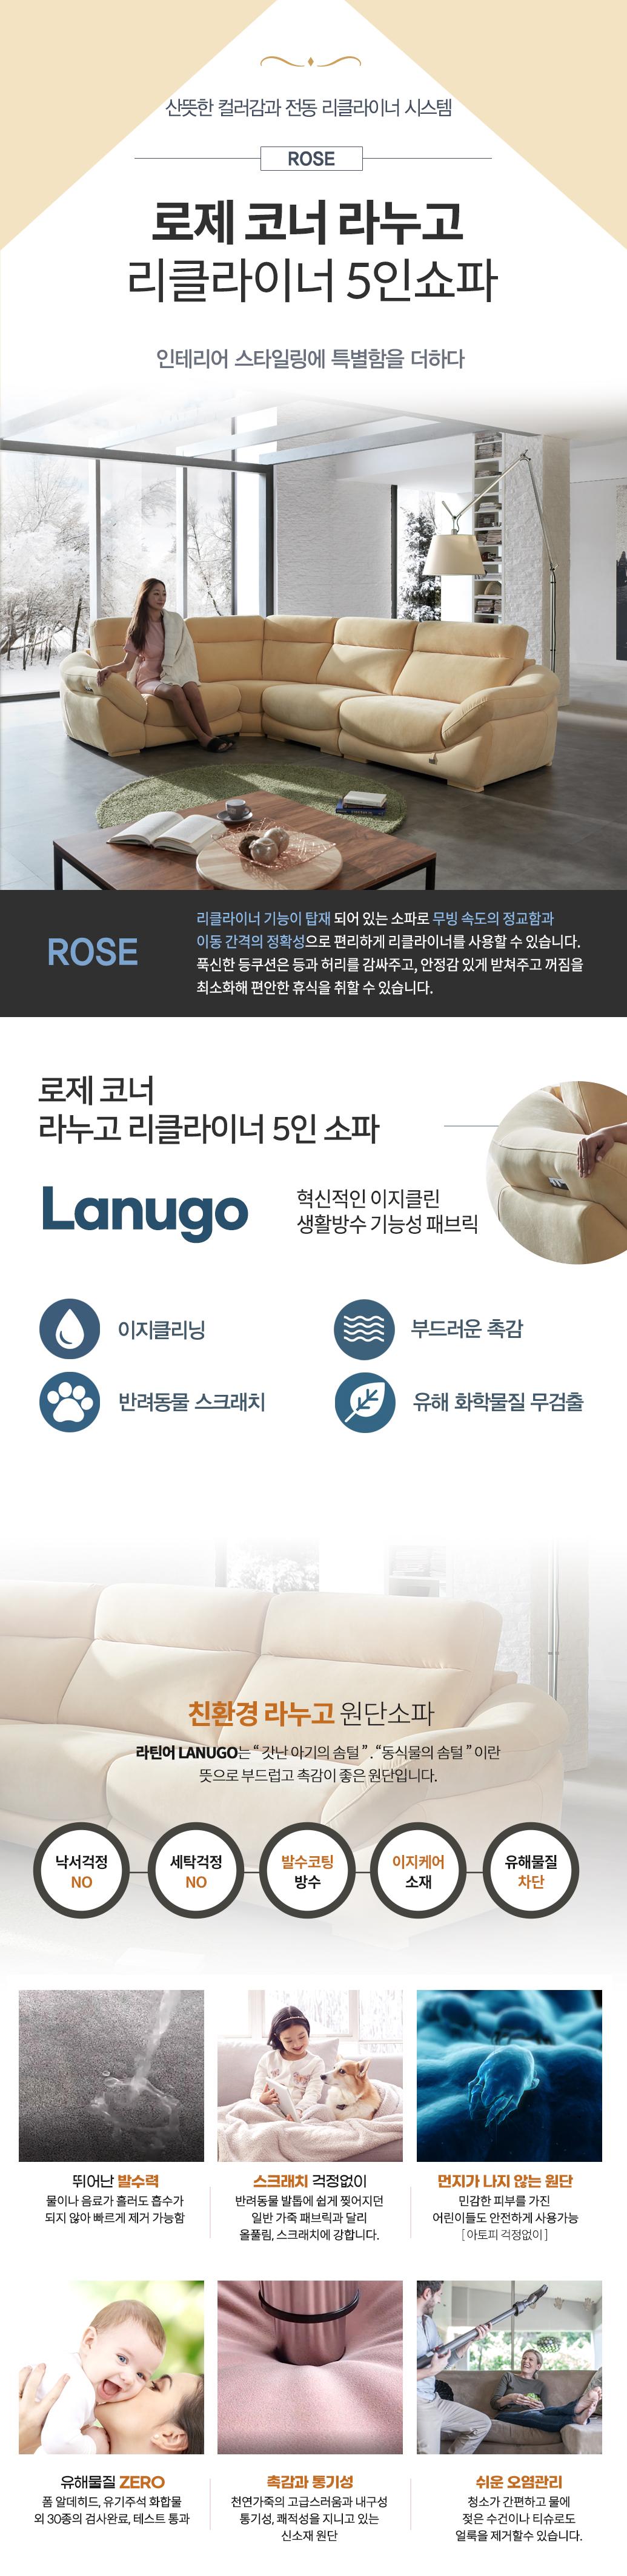 rose_lanugo_01.jpg